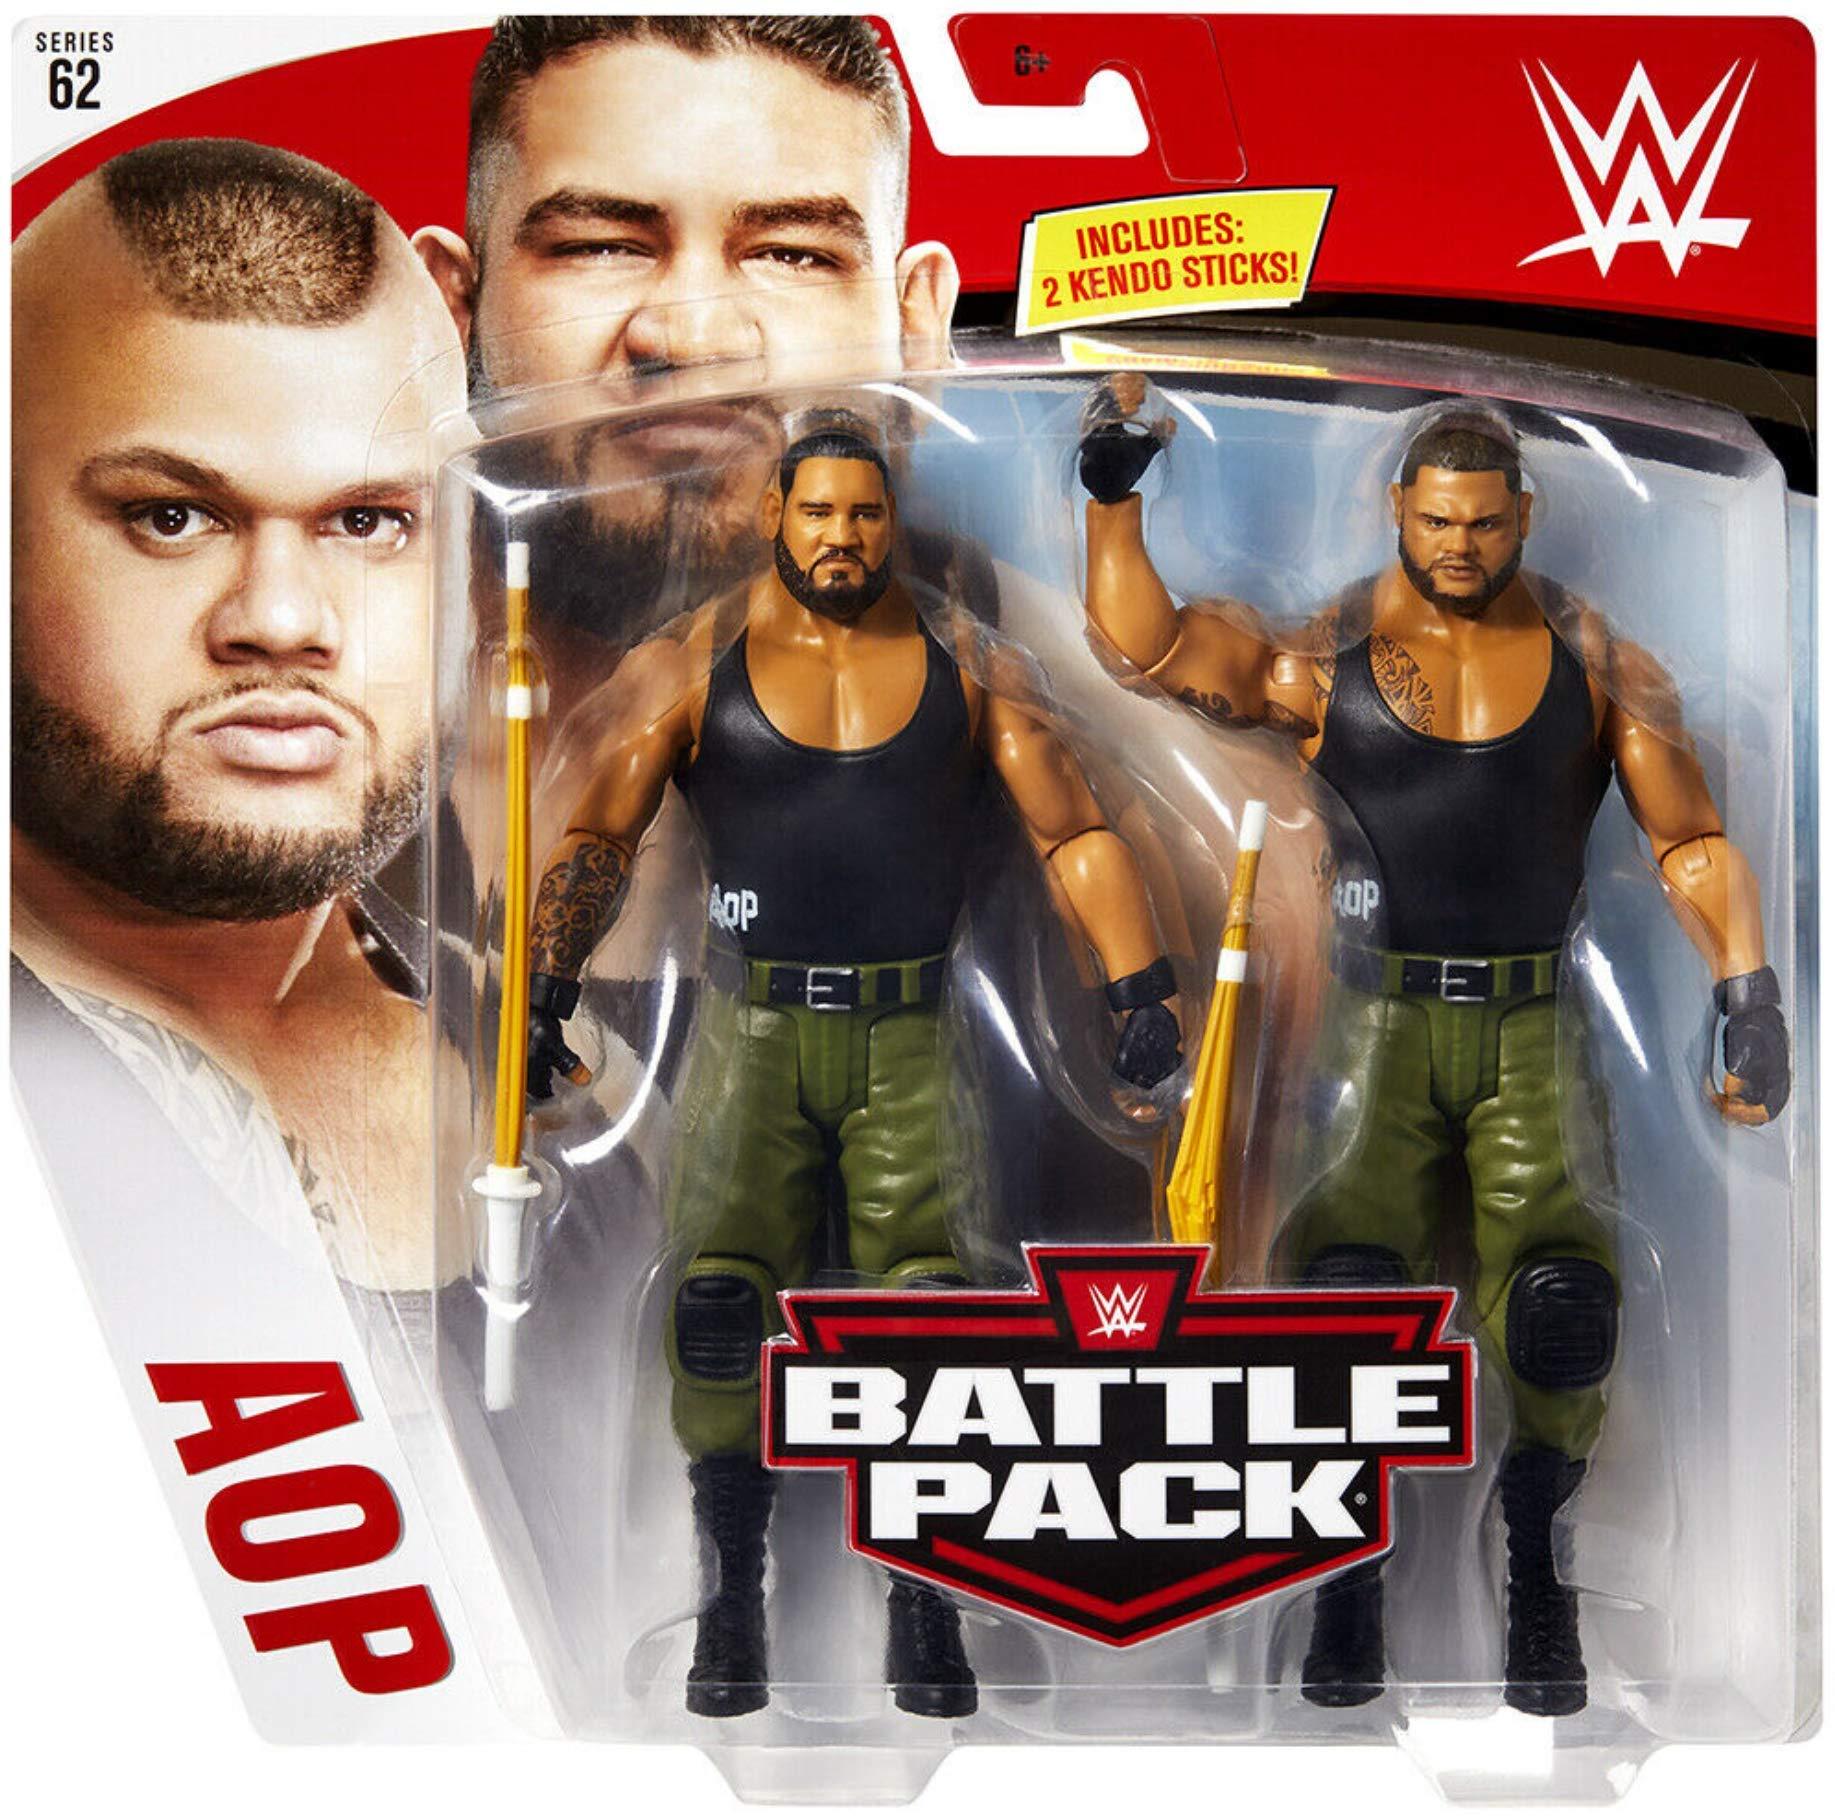 Akam & Rezar AOP los Autores de Dolor WWE Battle Pack Figura Básica Lucha Libre Mattel Serie 62: Amazon.es: Juguetes y juegos